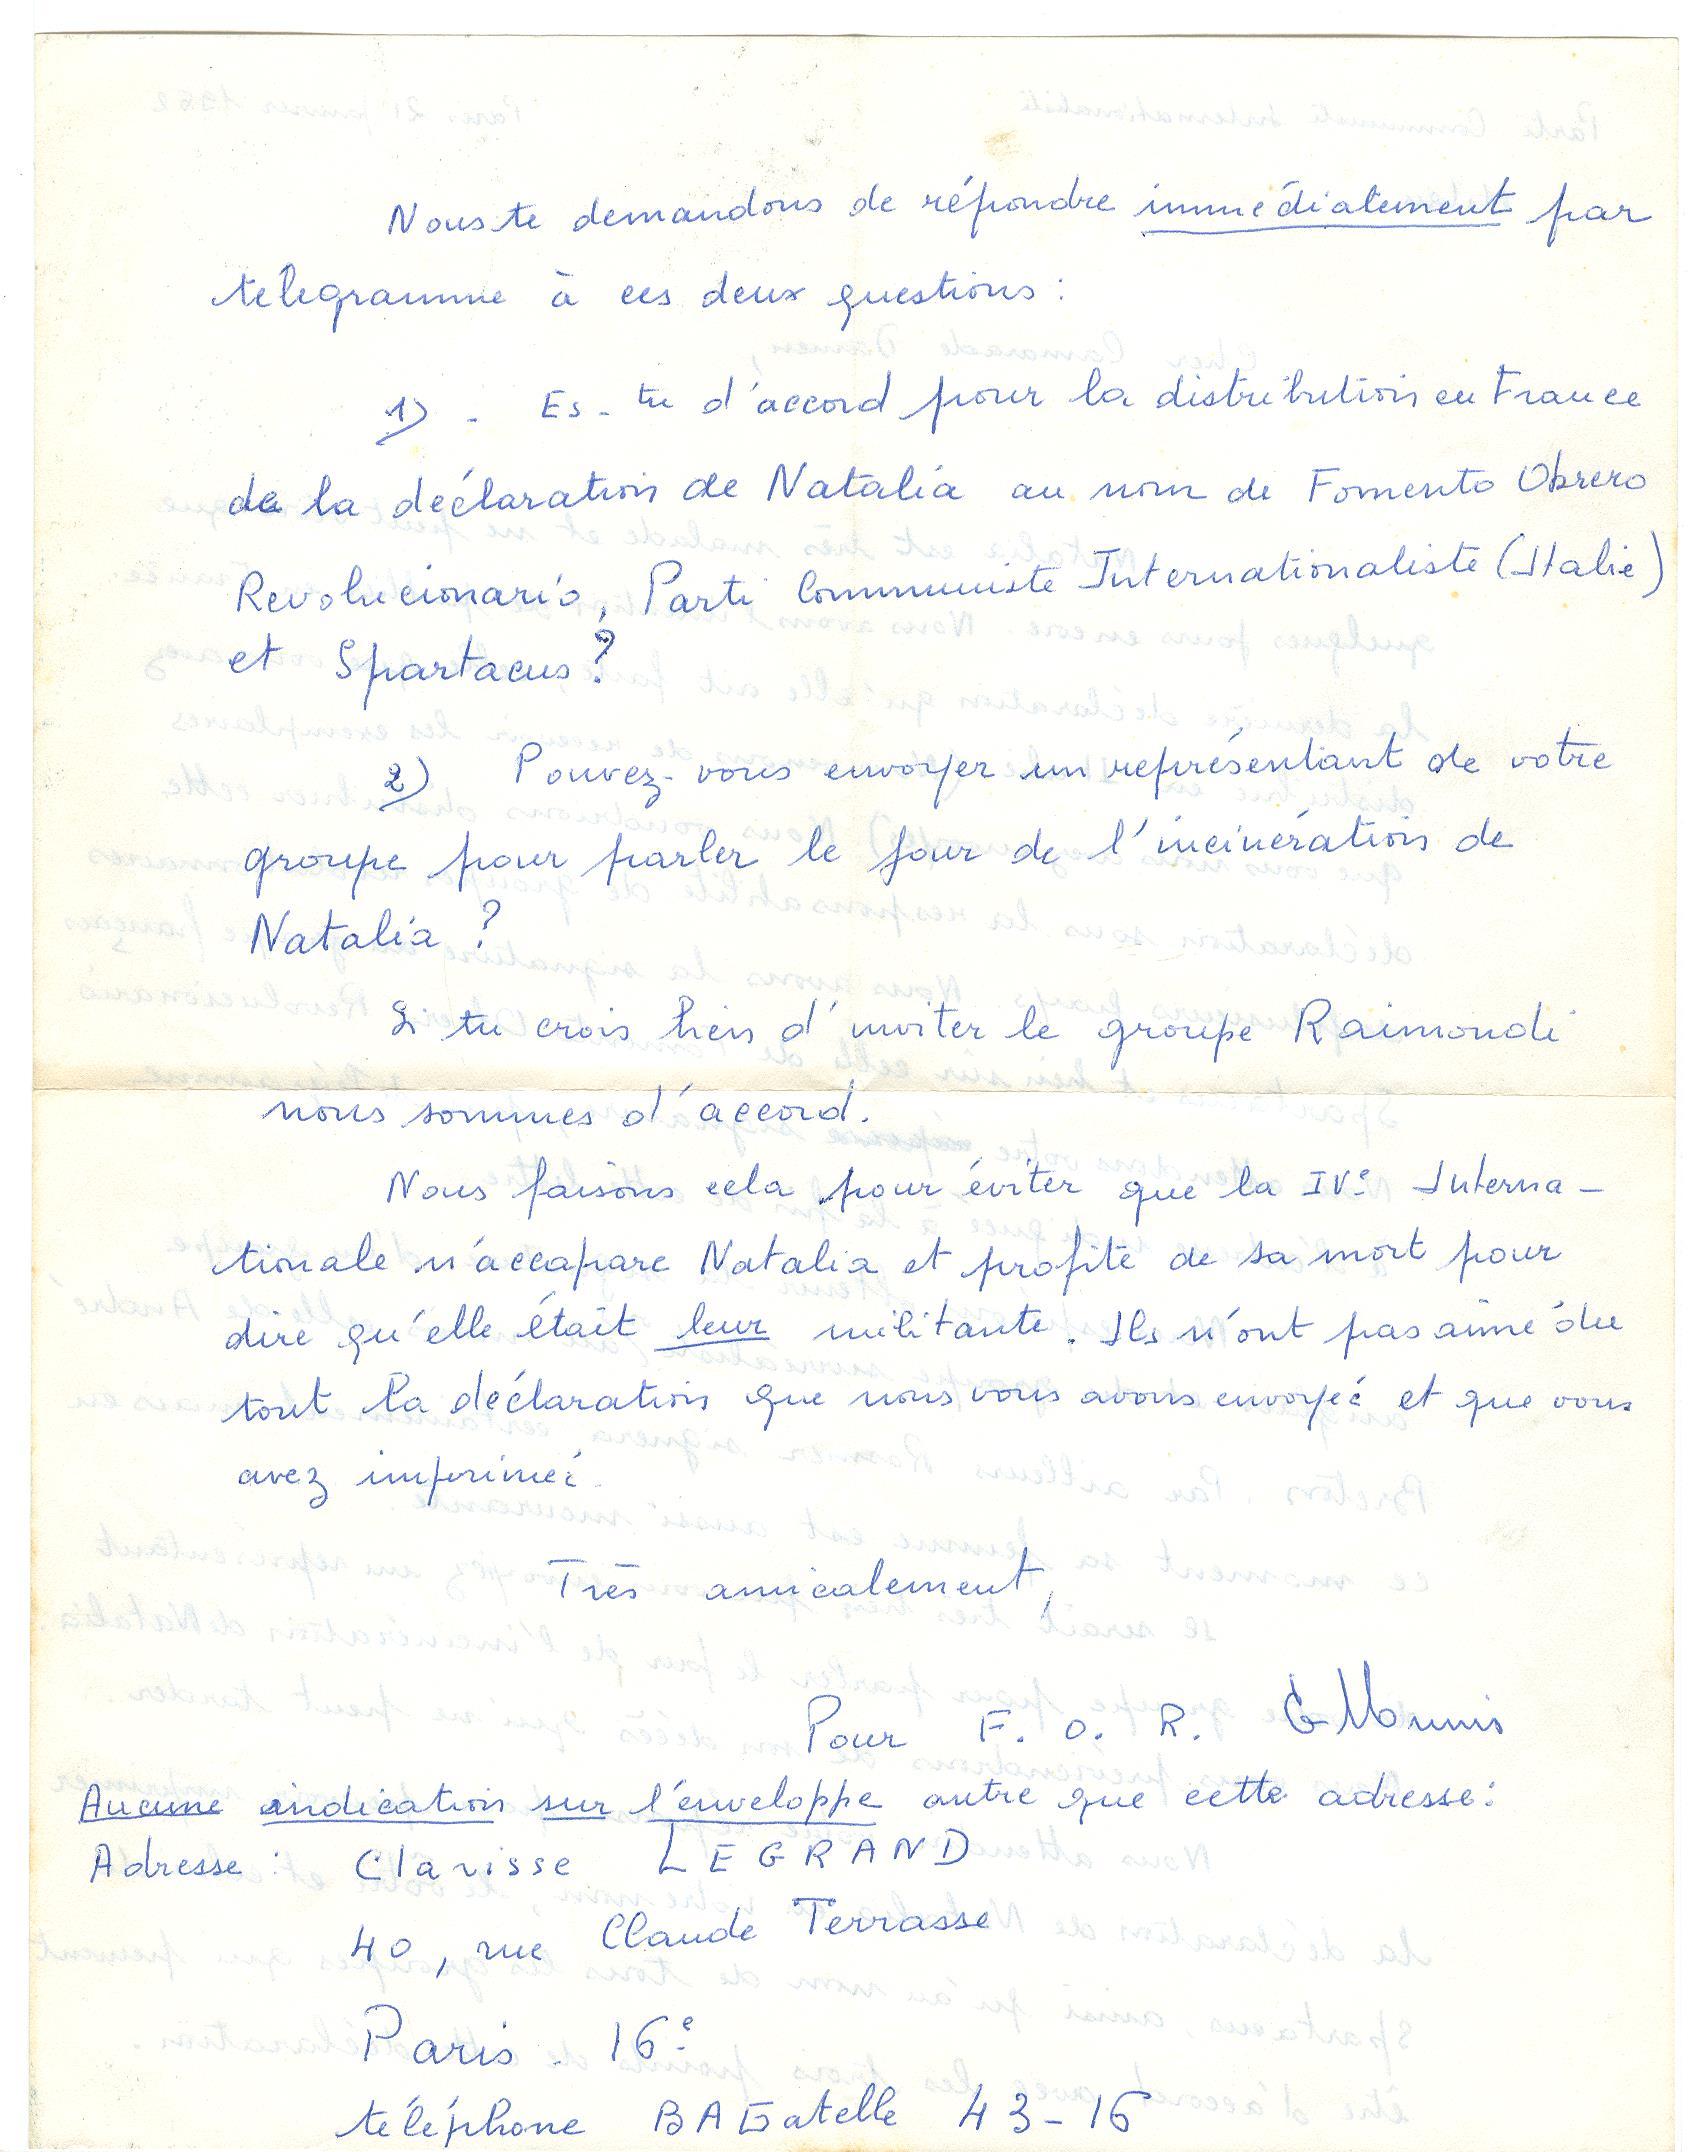 02 >> 1.b - Lettera di Munis a Onorato Damen (21 gennaio 1962)